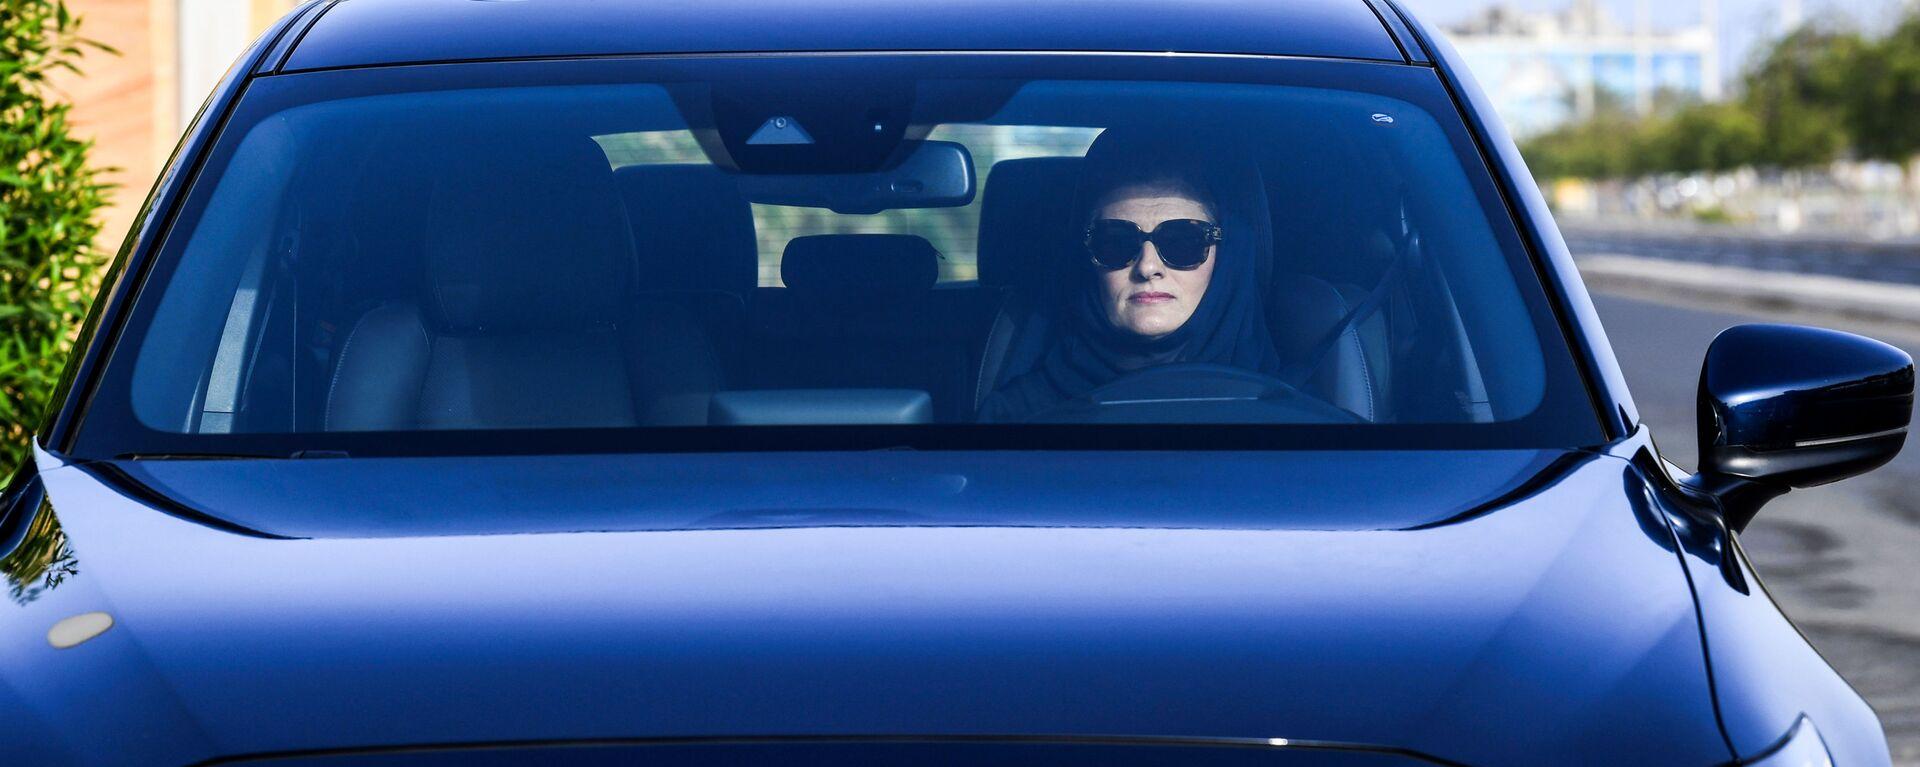 Женщина за рулем автомобиля - Sputnik Узбекистан, 1920, 10.08.2021